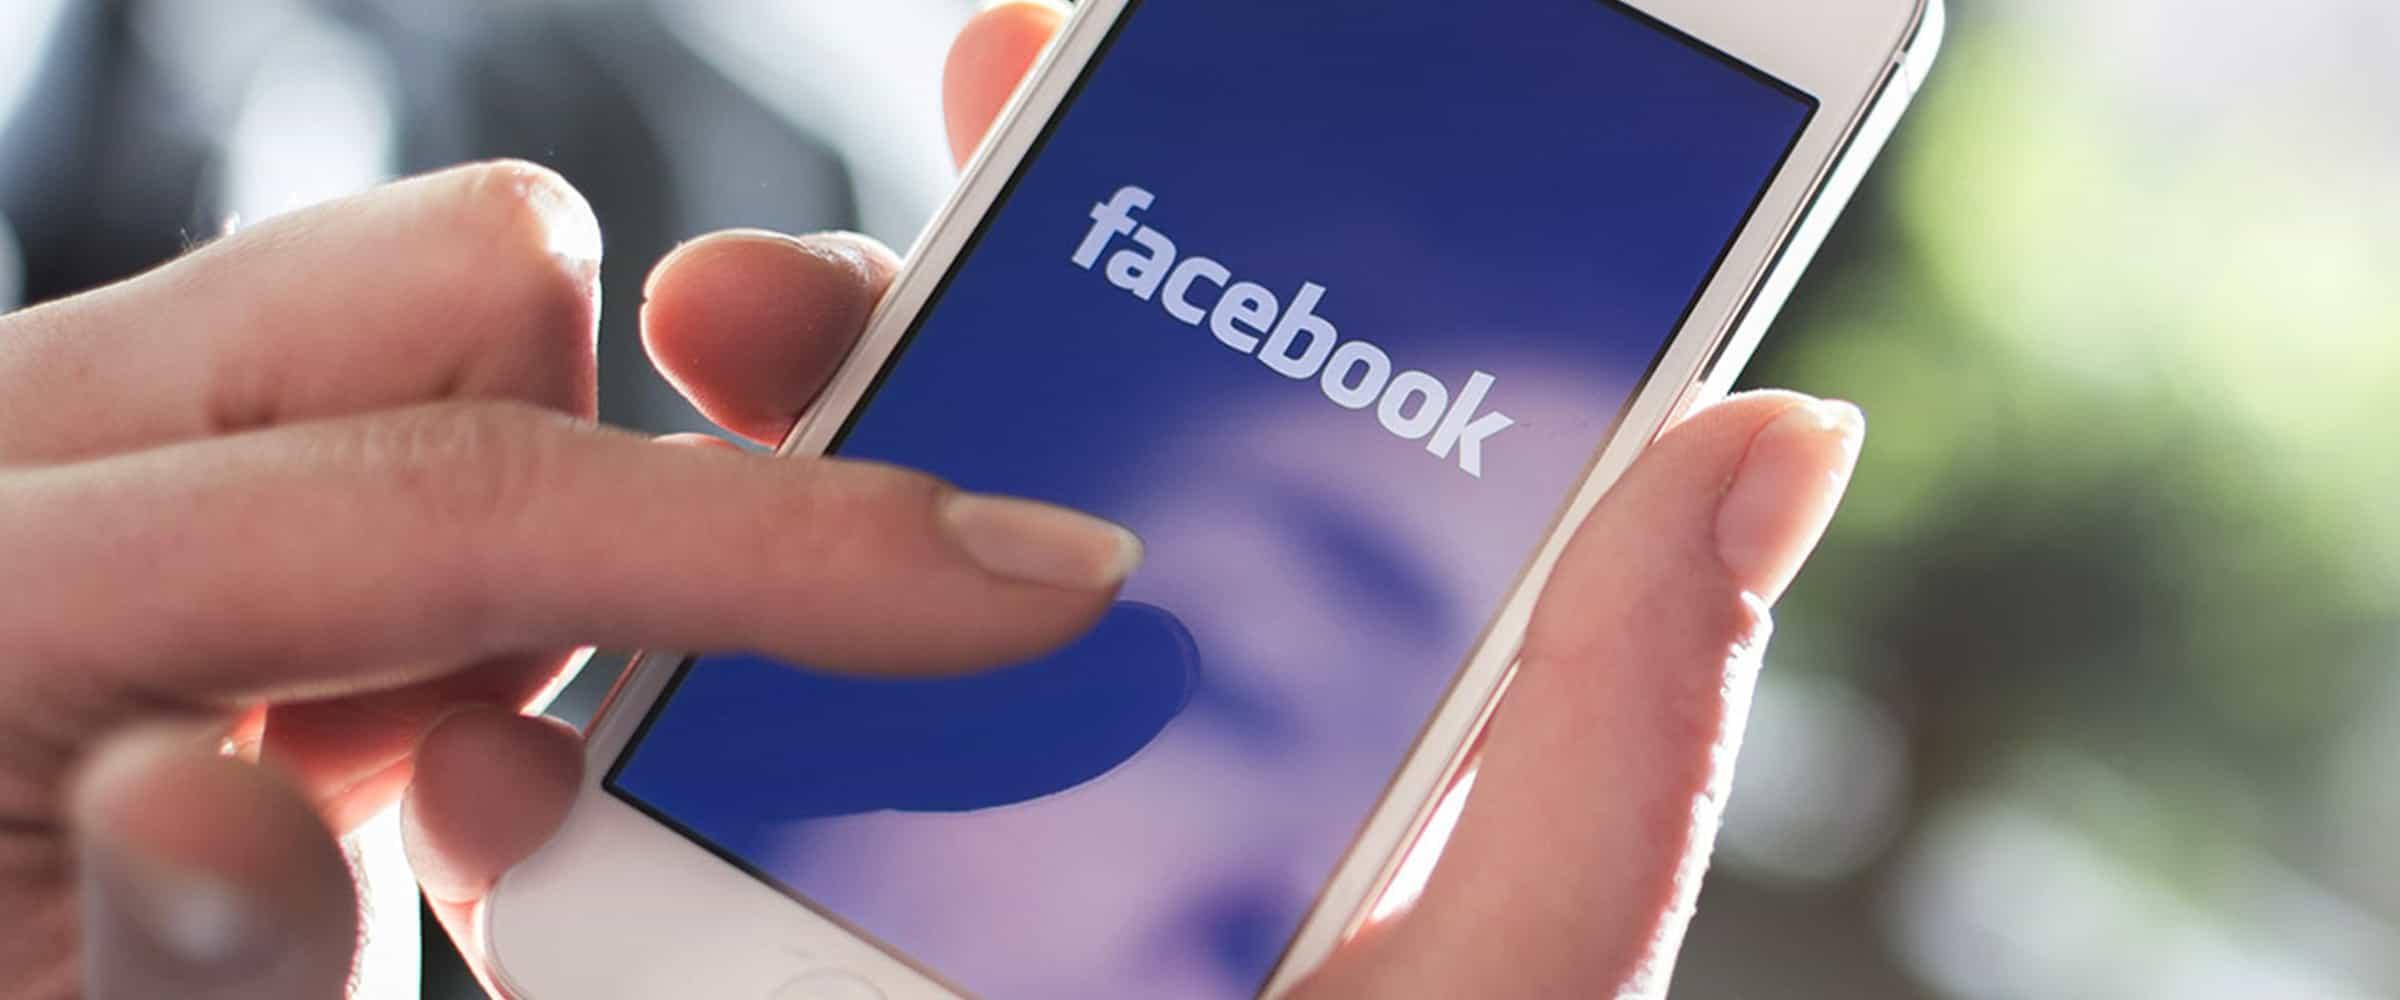 video crossposten op facebook